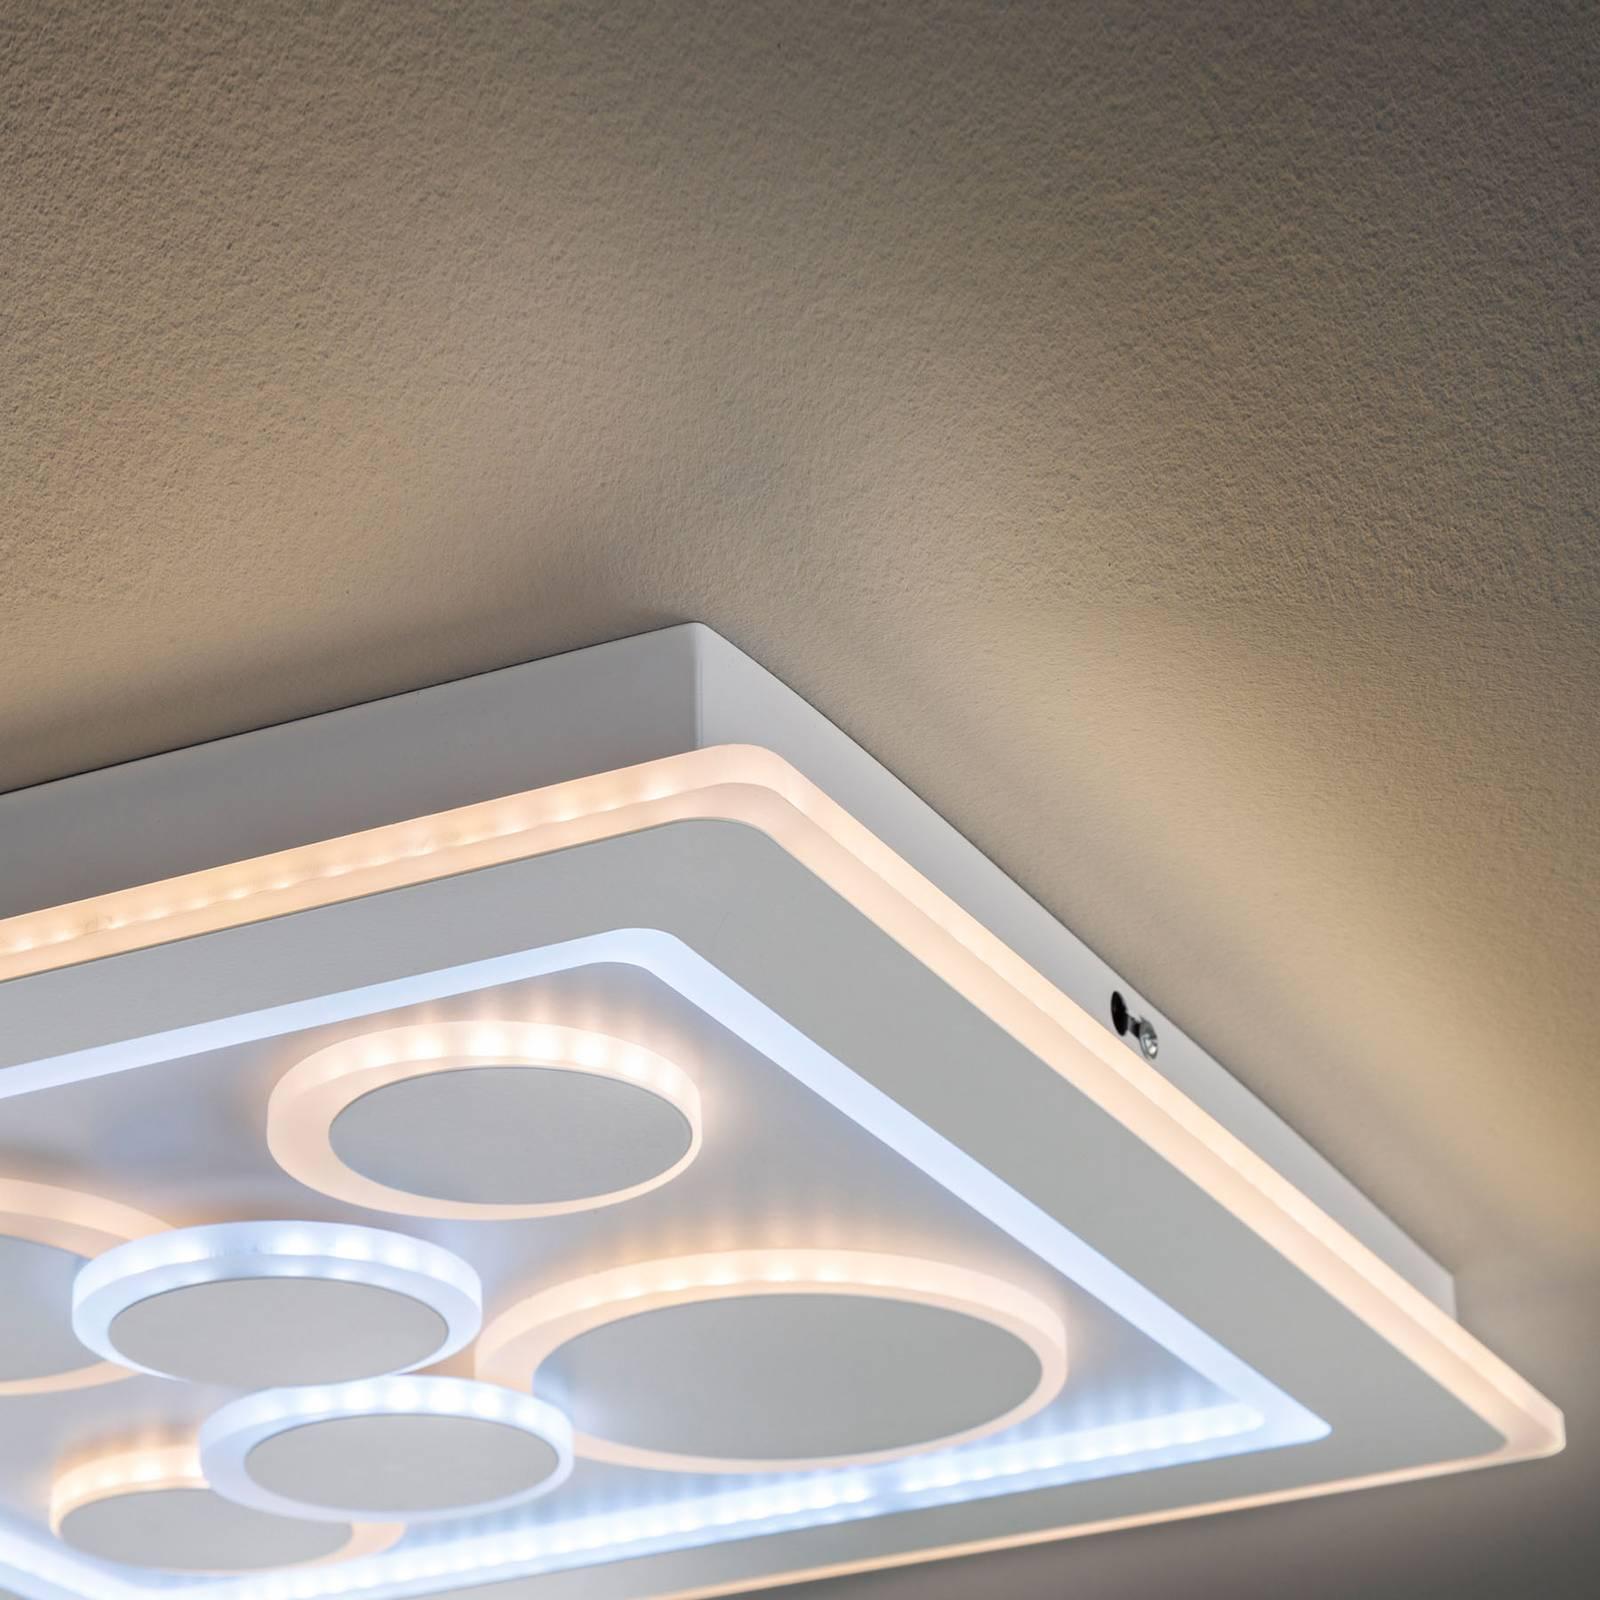 LED-kattovalaisin Ratio, himmennettävä, 6 ympyrää